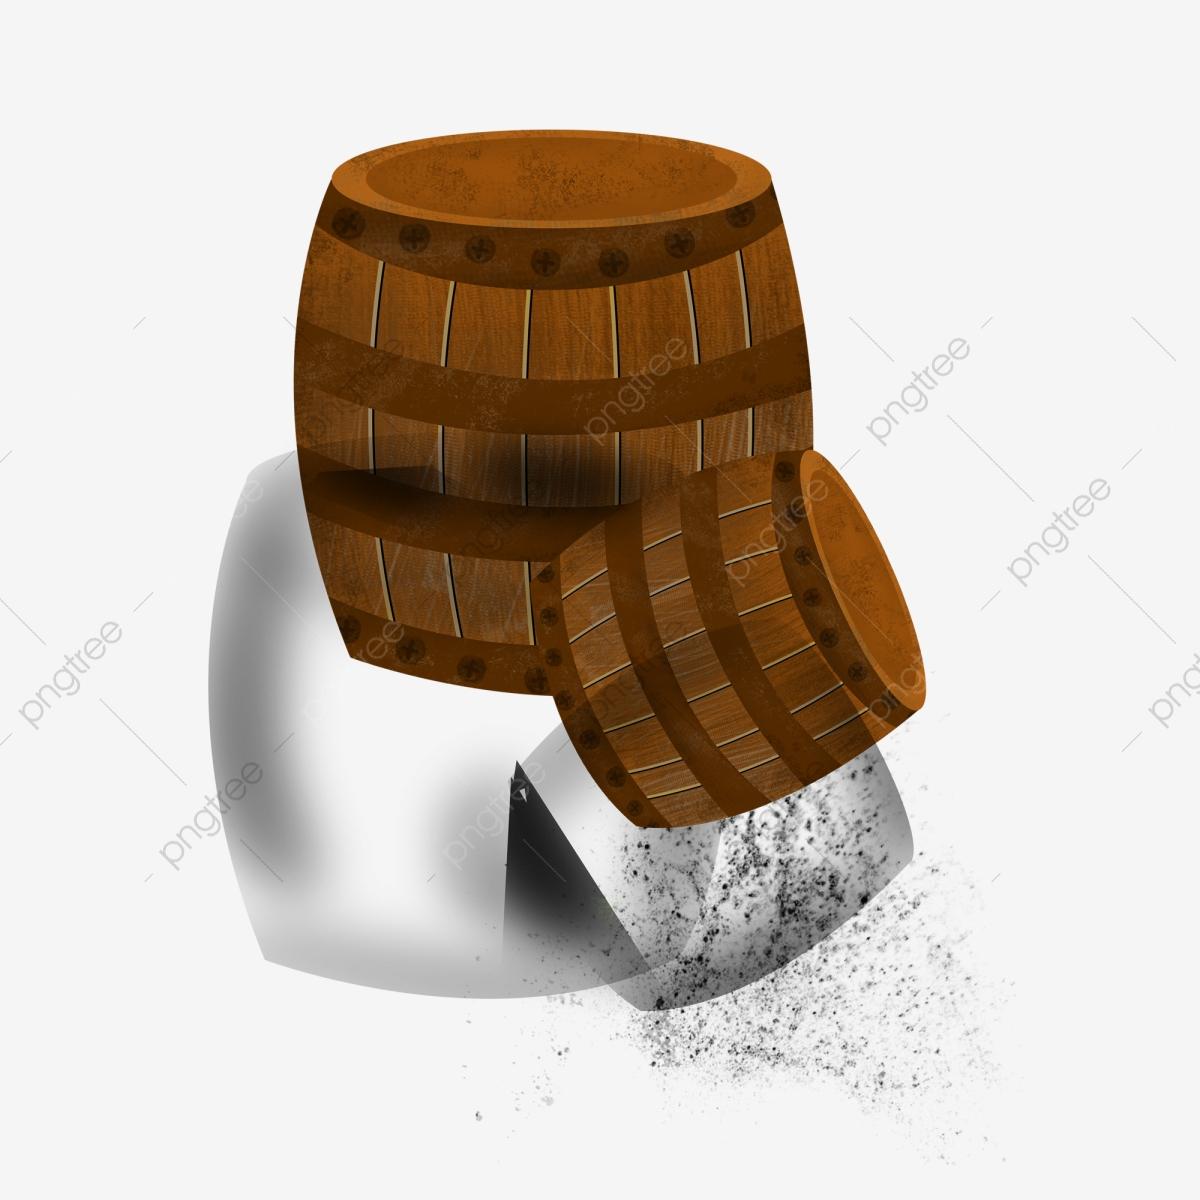 Two design graphics . Barrel clipart wooden barrel